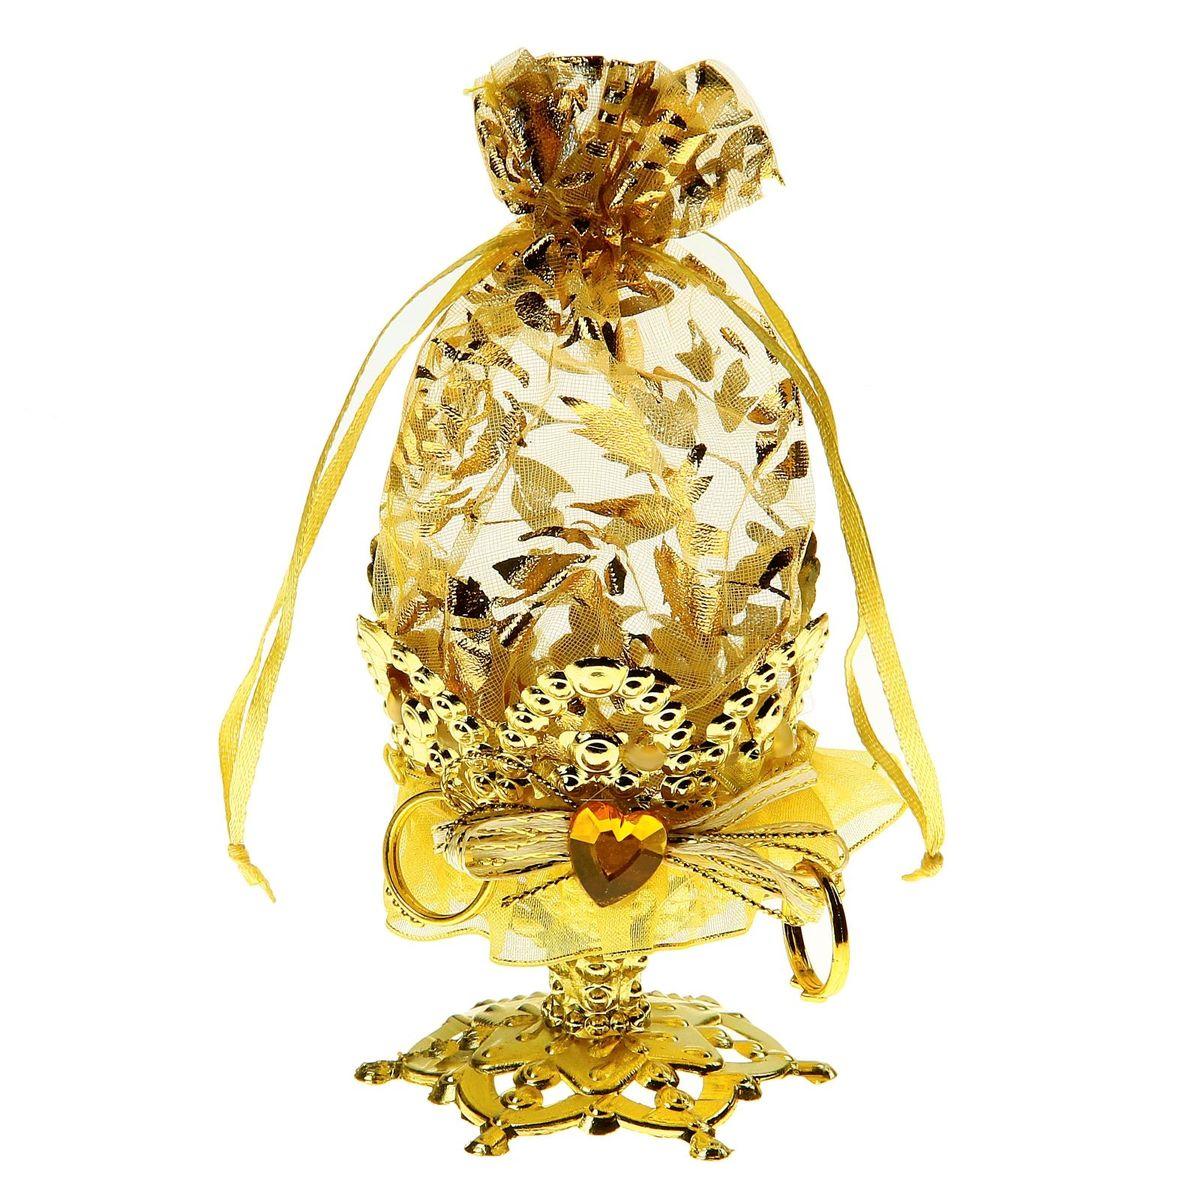 Бонбоньерка Sima-land Сердечки, цвет: золото, 7 x 7 x 14 см709851Очень красивая традиция современной свадьбы, пришедшая к нам с Запада, — дарить гостям бонбоньерки с угощениями в знак благодарности тому, кто пришел на свадьбу. Как правило, приглашённых угощают миндалём, конфетами или марципанами, но фантазировать можно сколько угодно! Бонбоньерка Сердечки, цвет золото — это необычная конфетница с эффектным дизайном, куда можно спрятать угощение для дорогих вашему сердцу людей. Она завершит свадебное торжество, и оставит гостей в полном восторге.